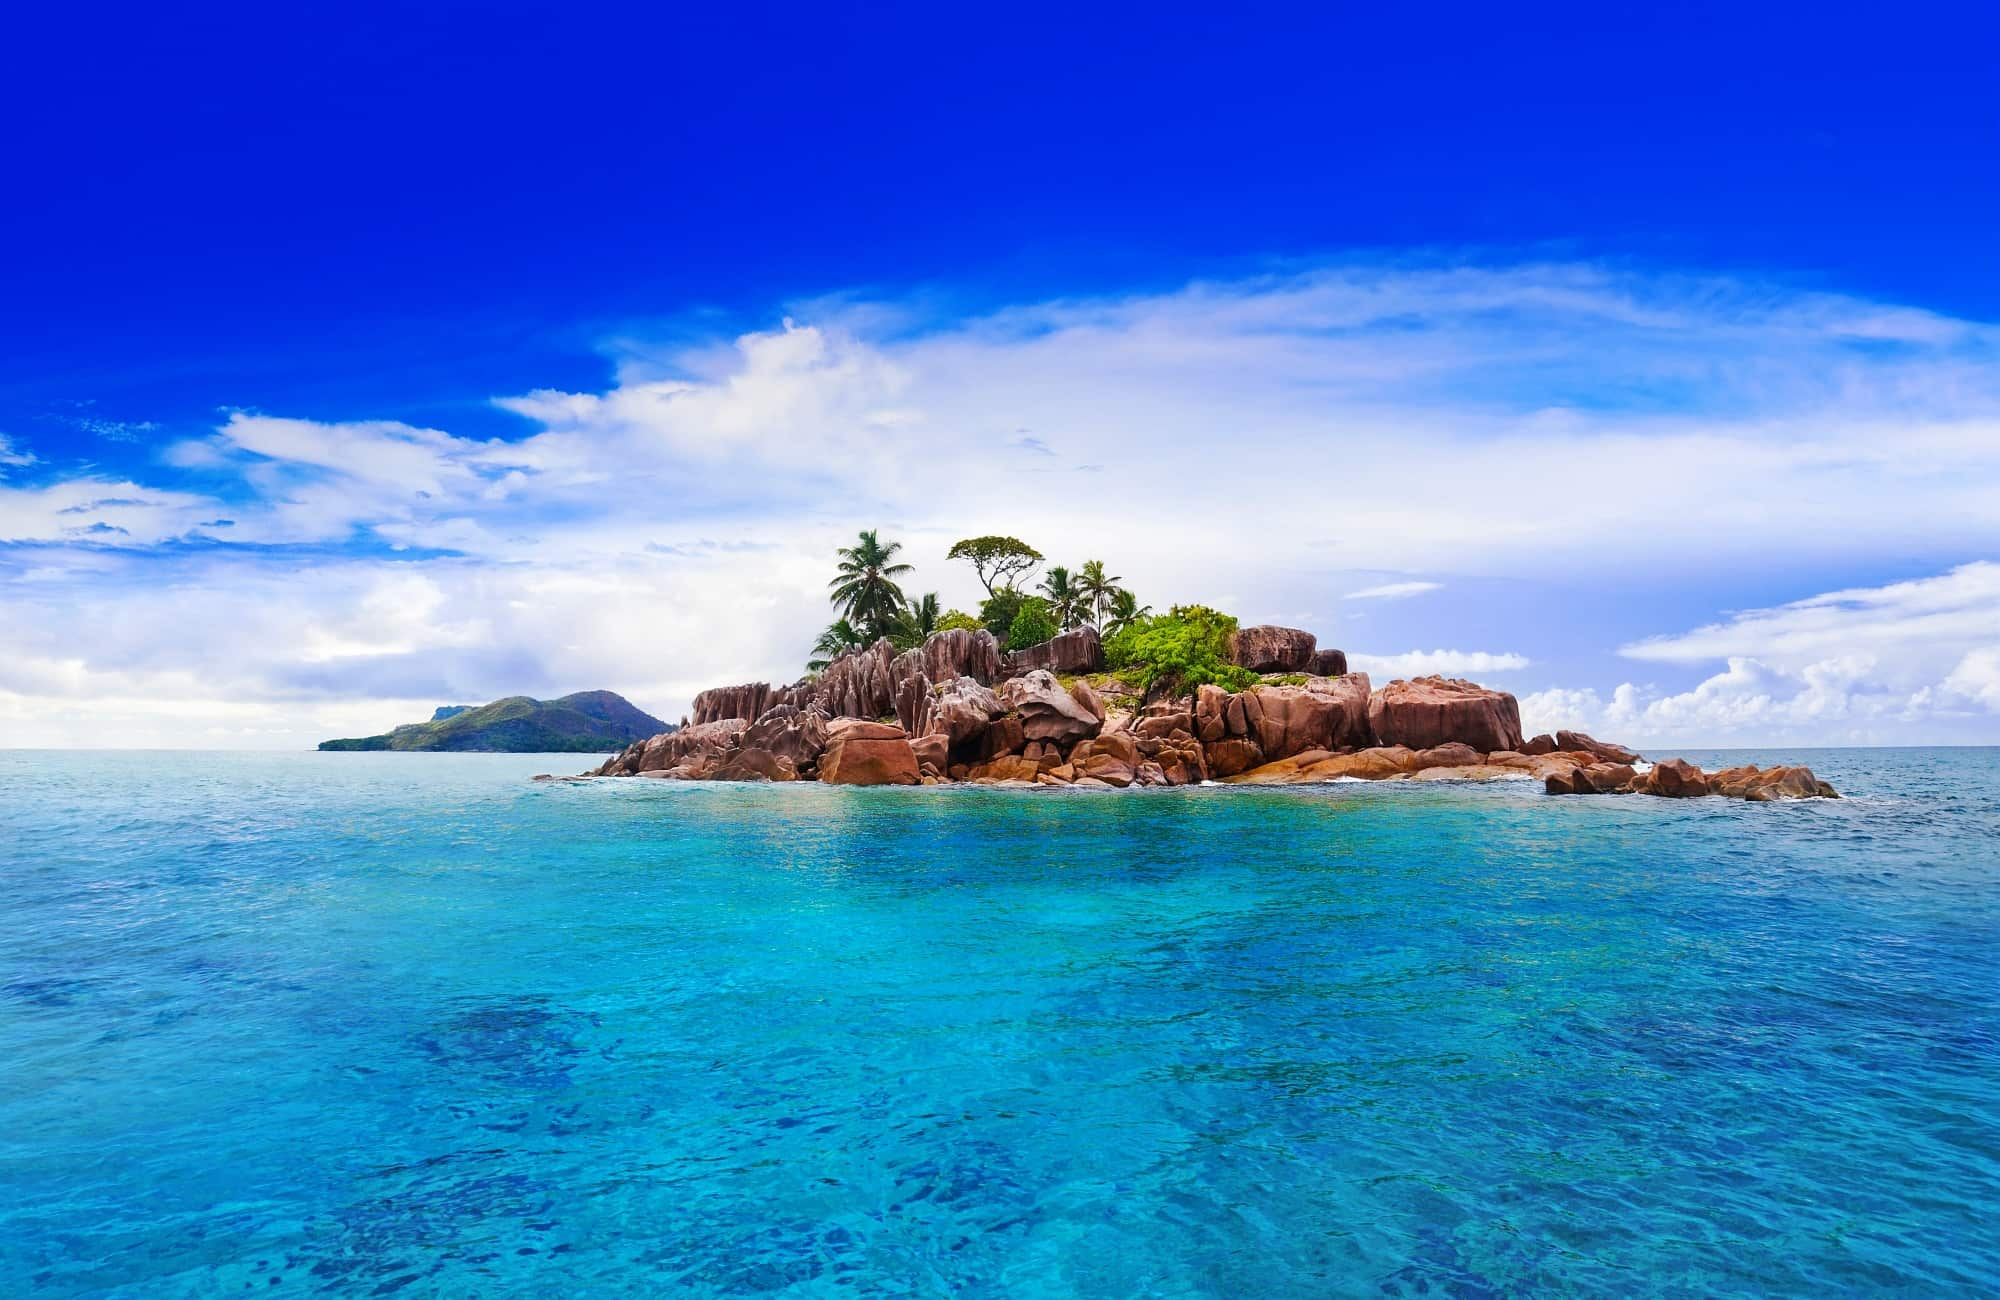 Océan indien, balade aux Seychelles et vue depuis votre catamaran